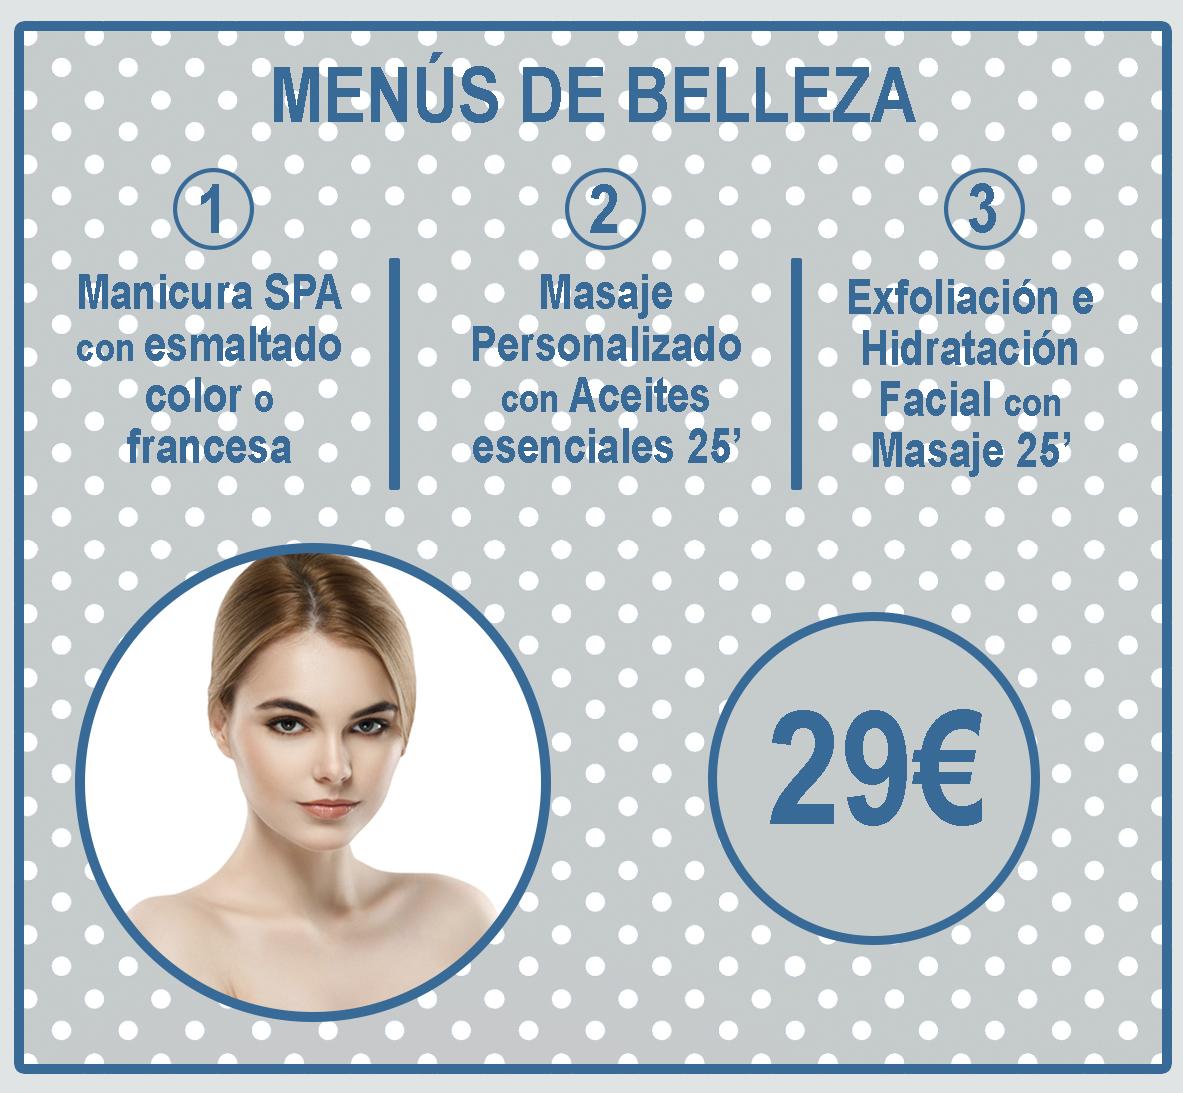 MENU DE BELLEZA AZUL